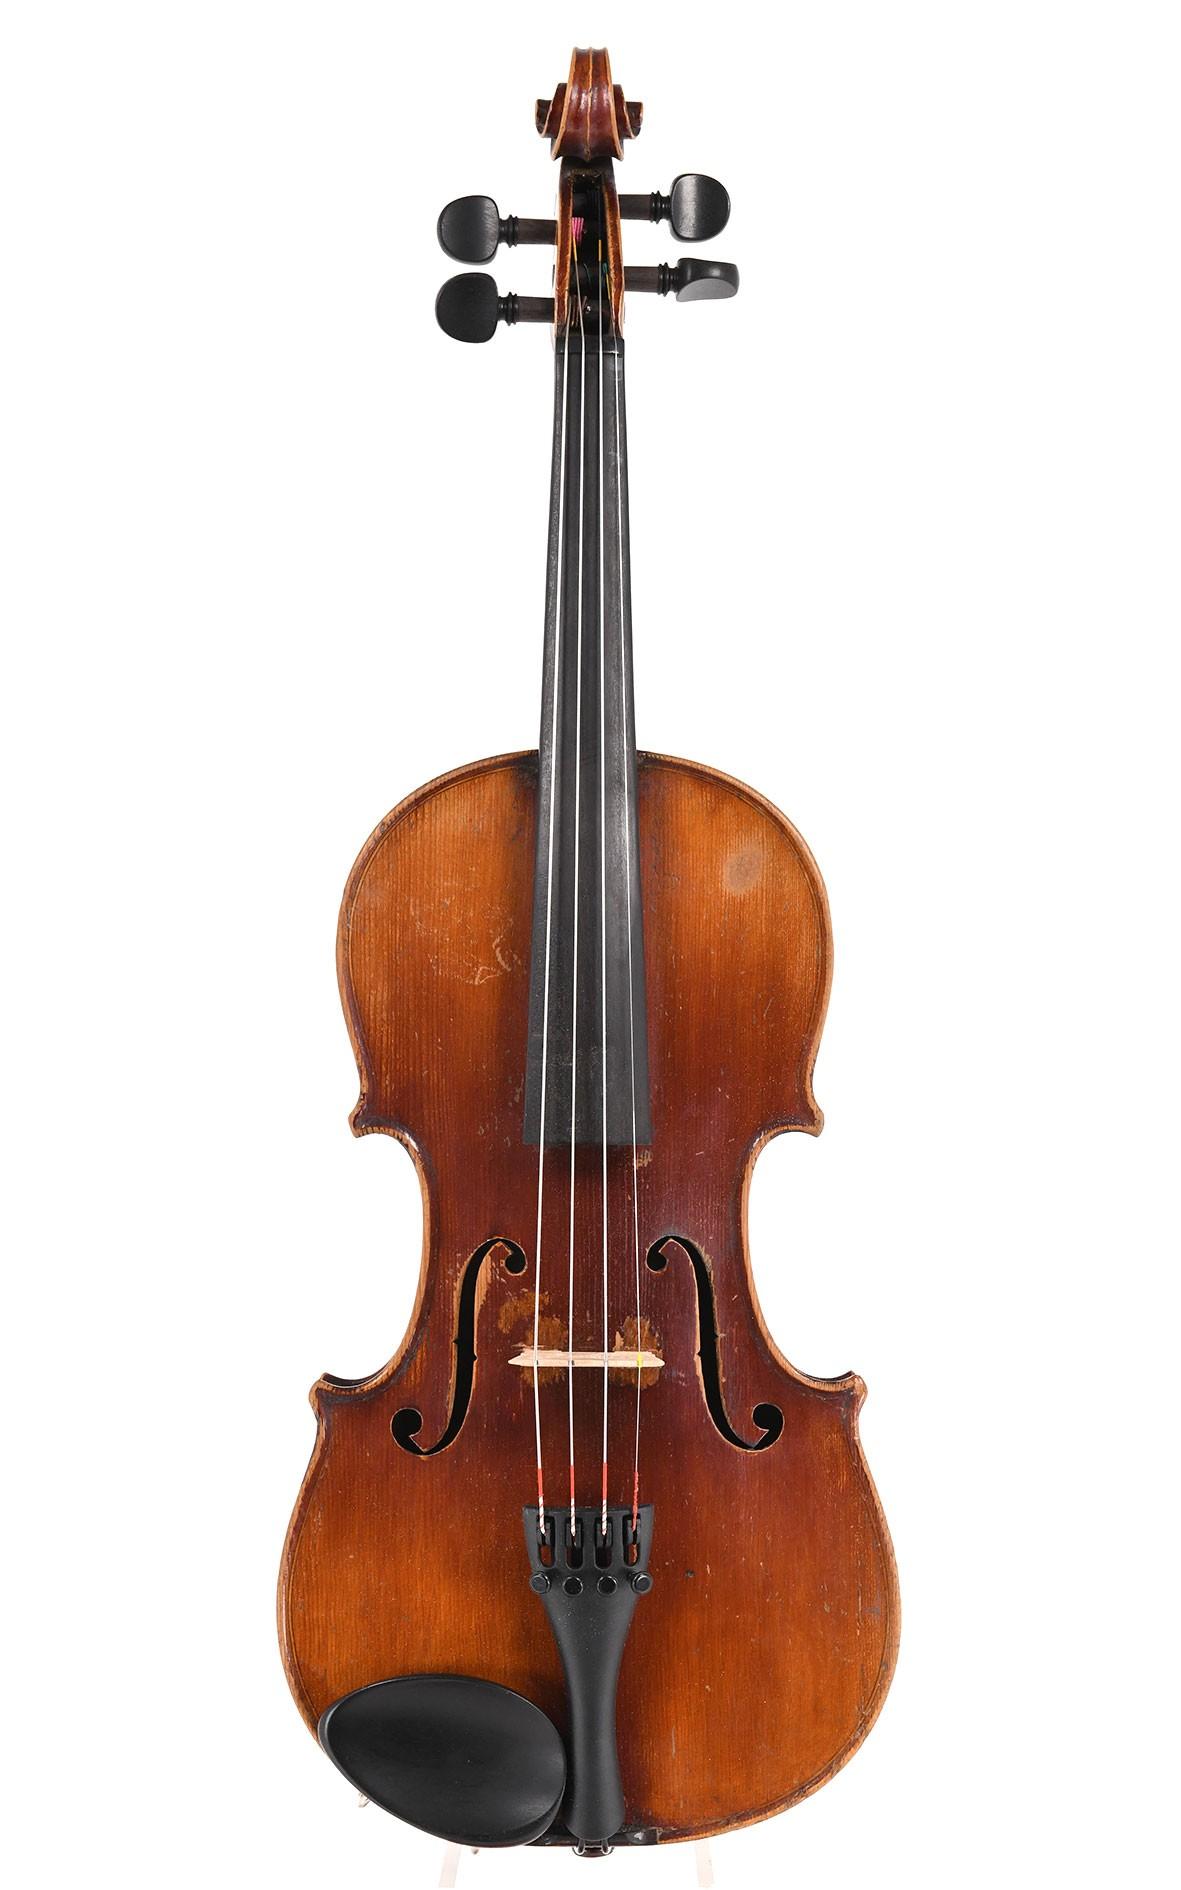 3/4 Geige von Neuner & Hornsteiner Mittenwald